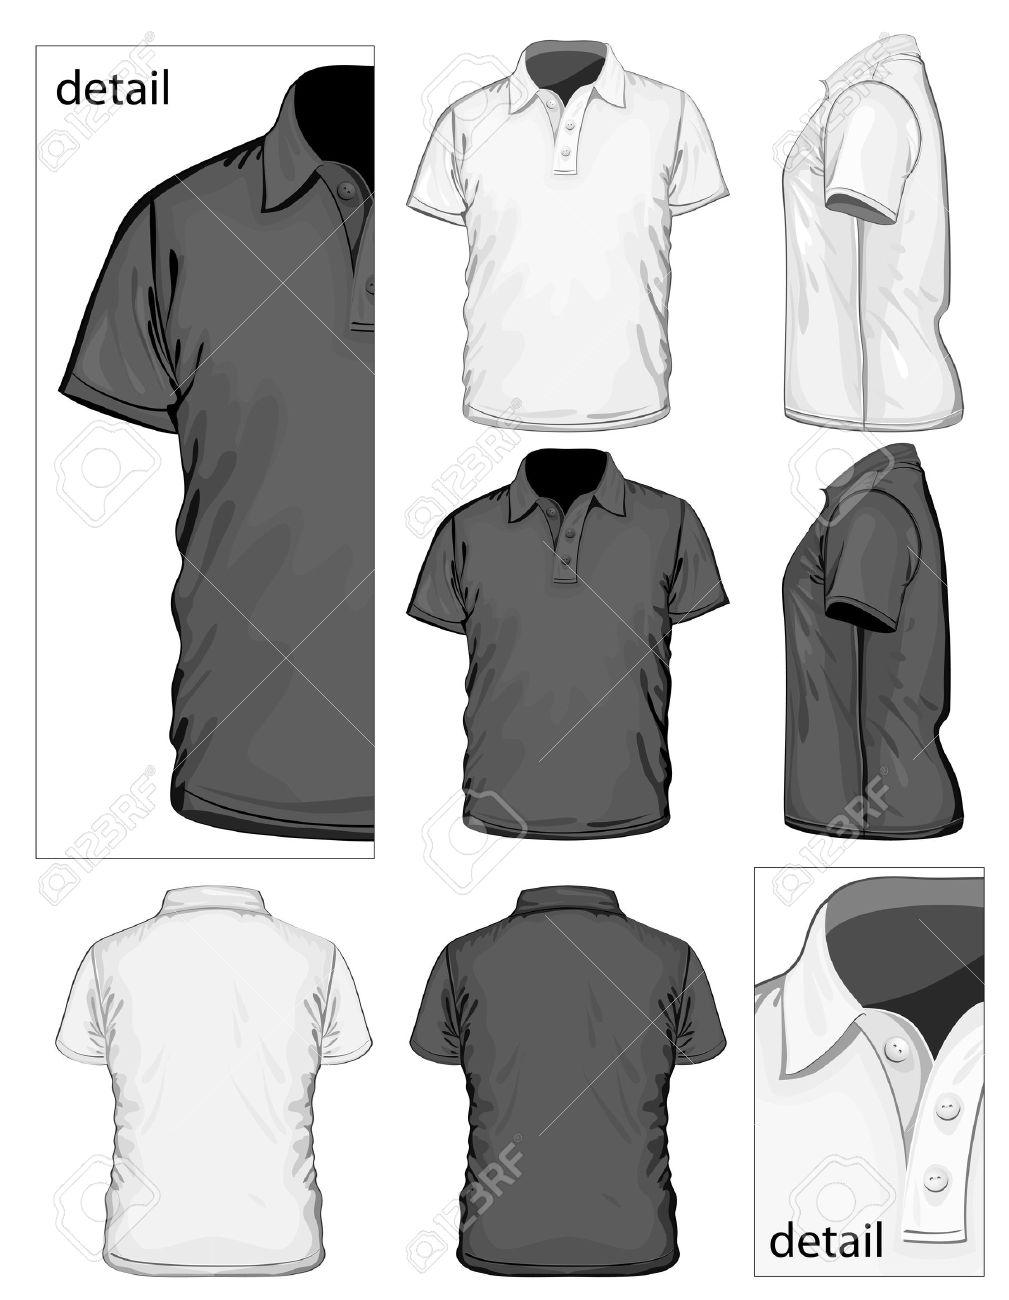 Black t shirt vector - Black Tshirt Vector Men Illustration